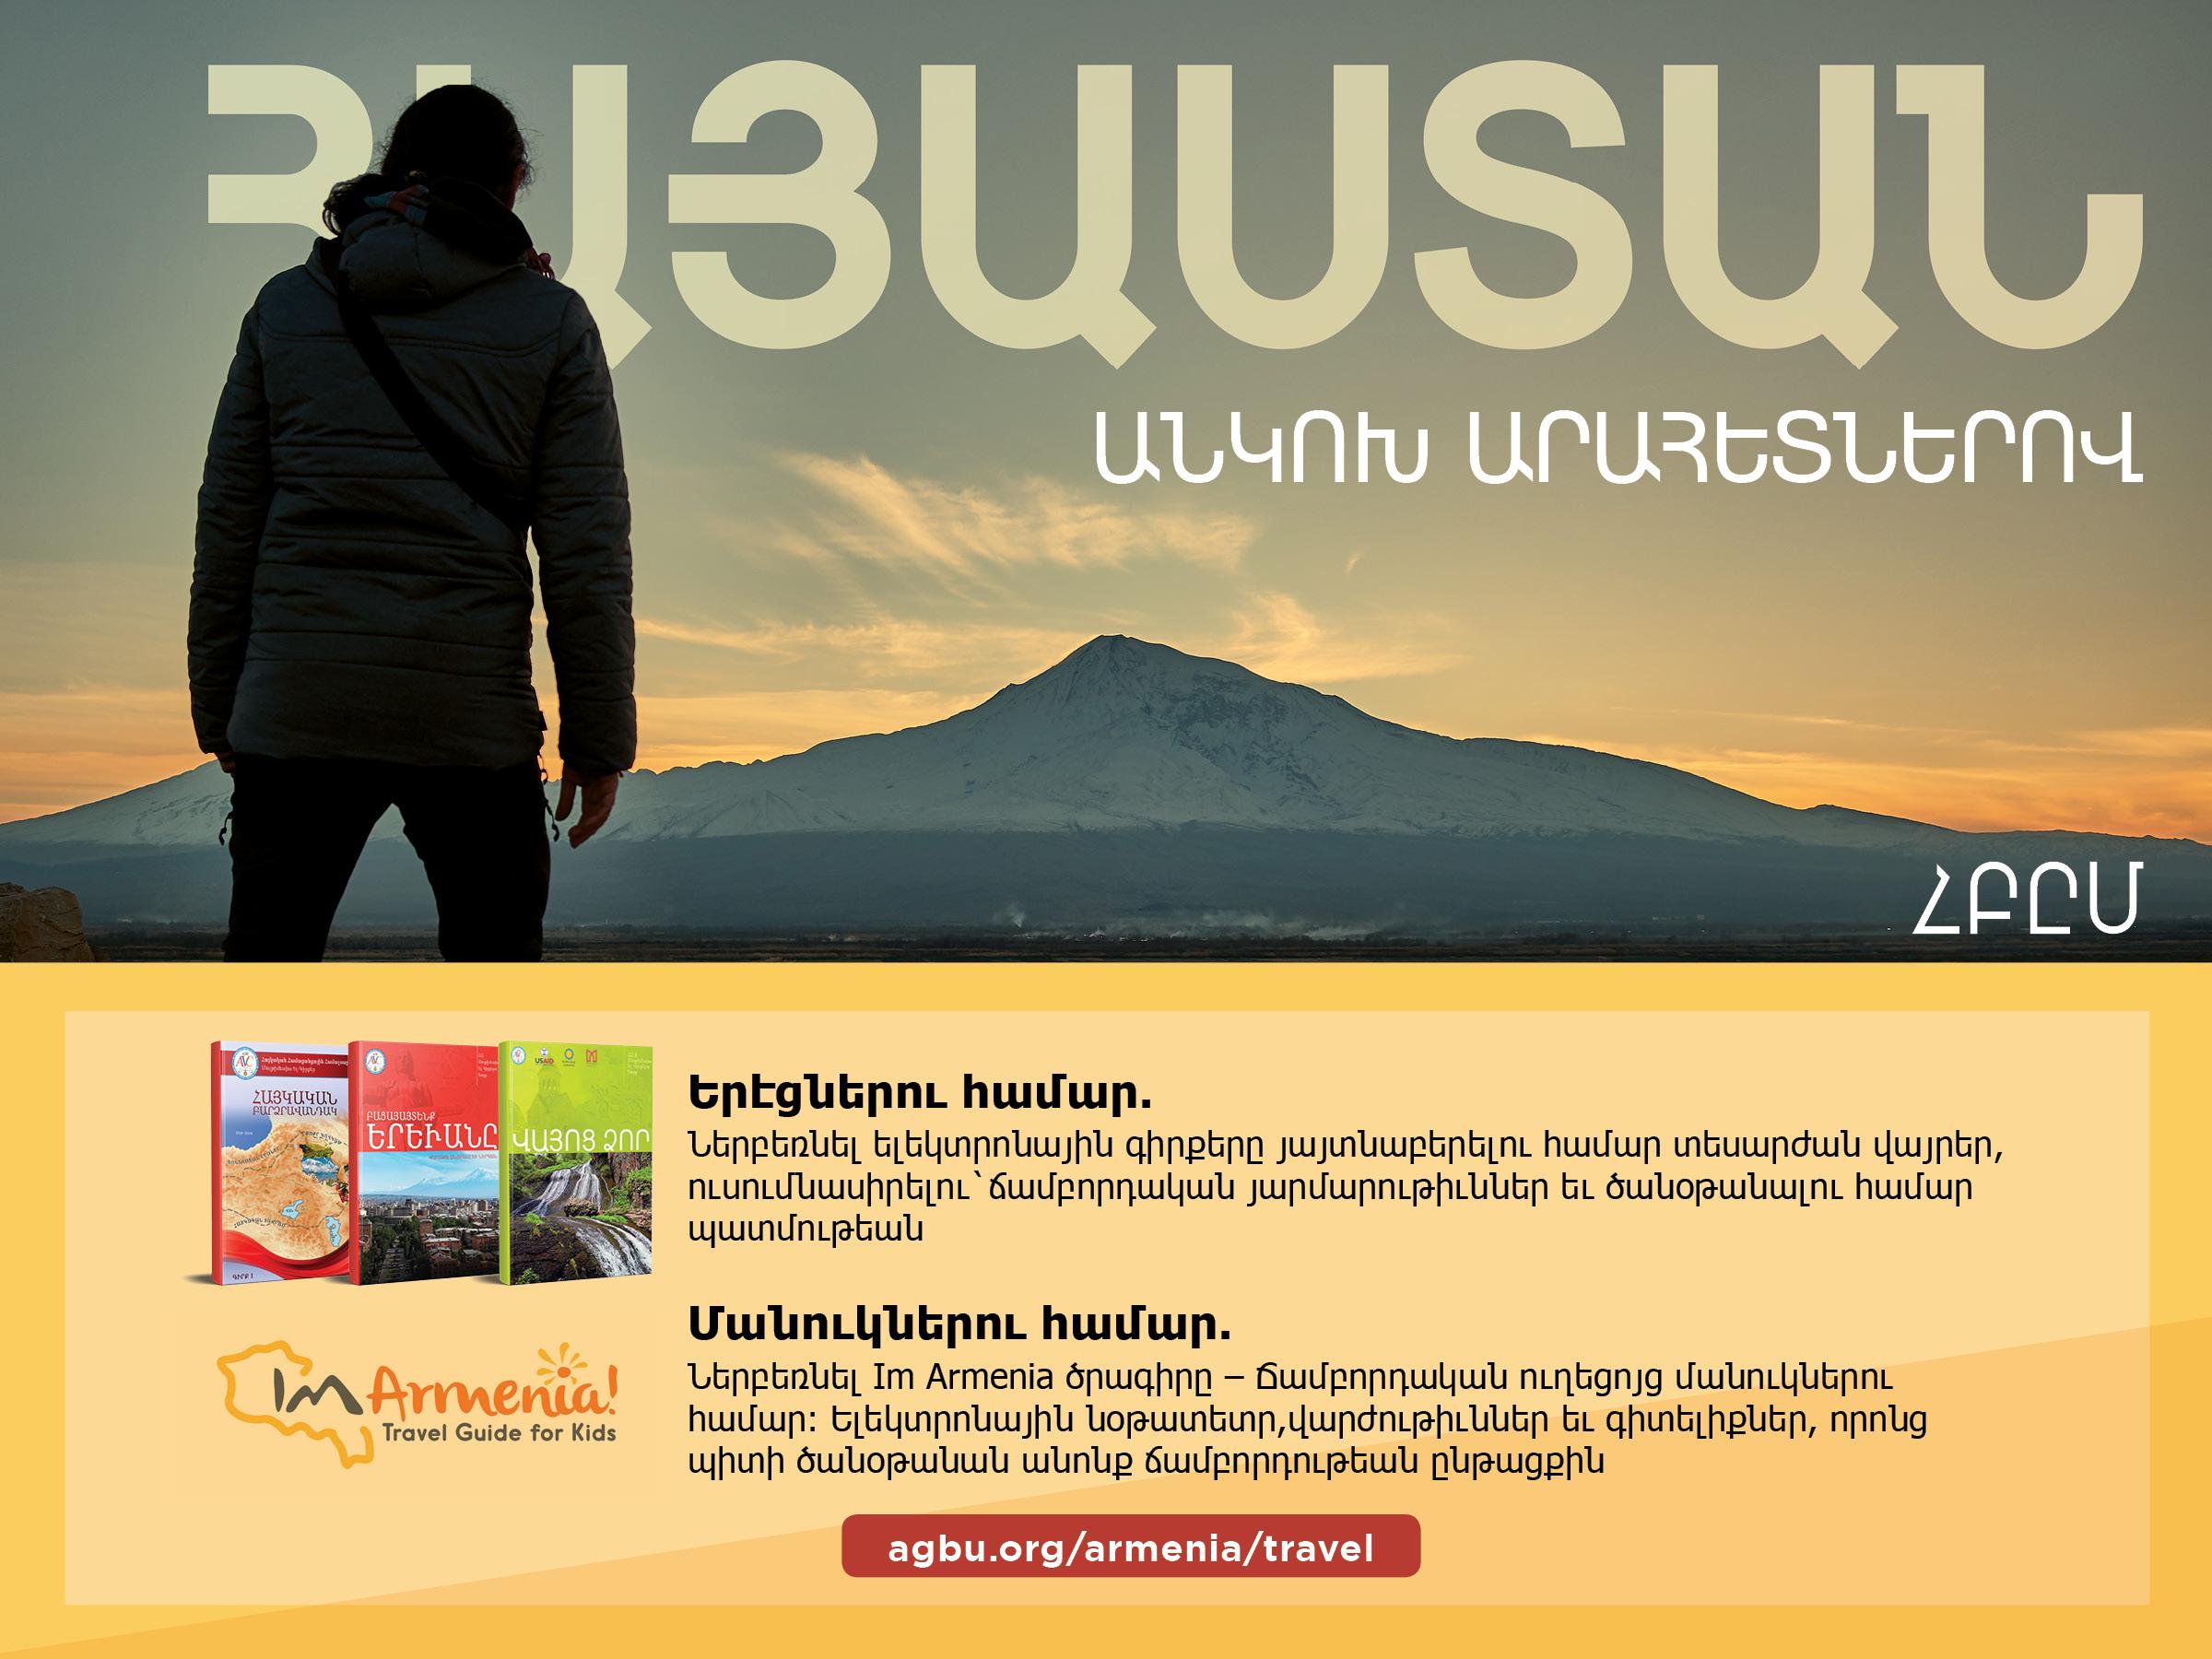 ՀԲԸՄ-ն ներկայացնում է էլեկտրոնային գրքեր ու հավելվածներ Հայաստանի մասին